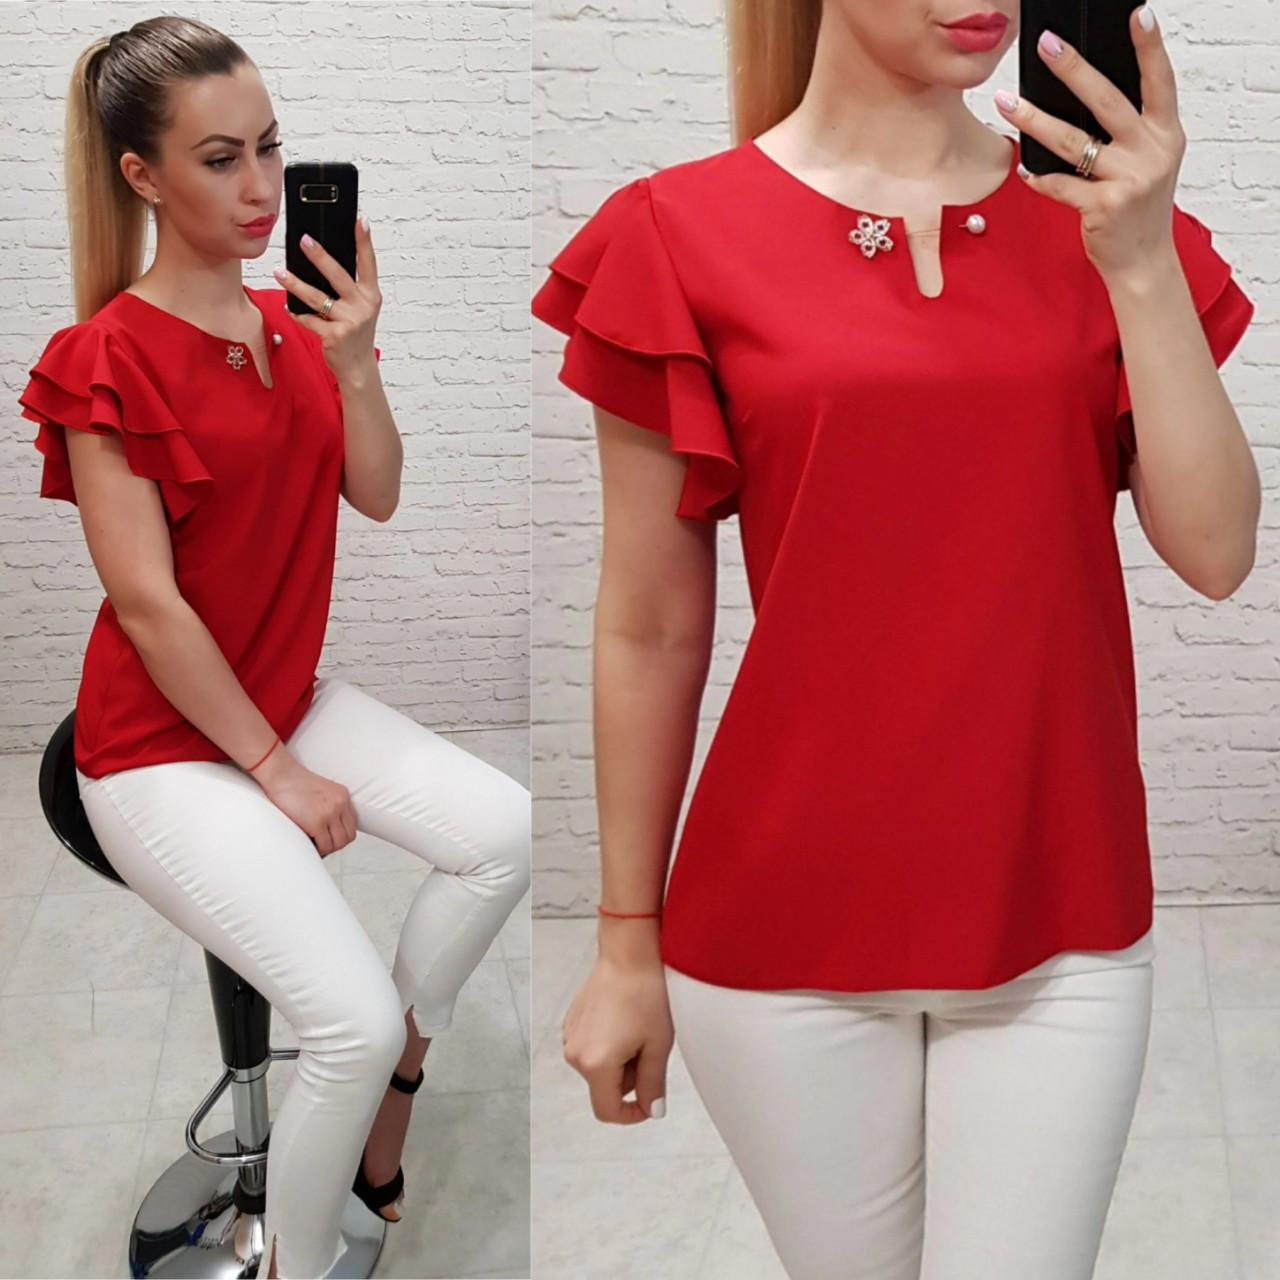 Блузка / блуза  с брошкой без рукава арт. 166 красный / красная